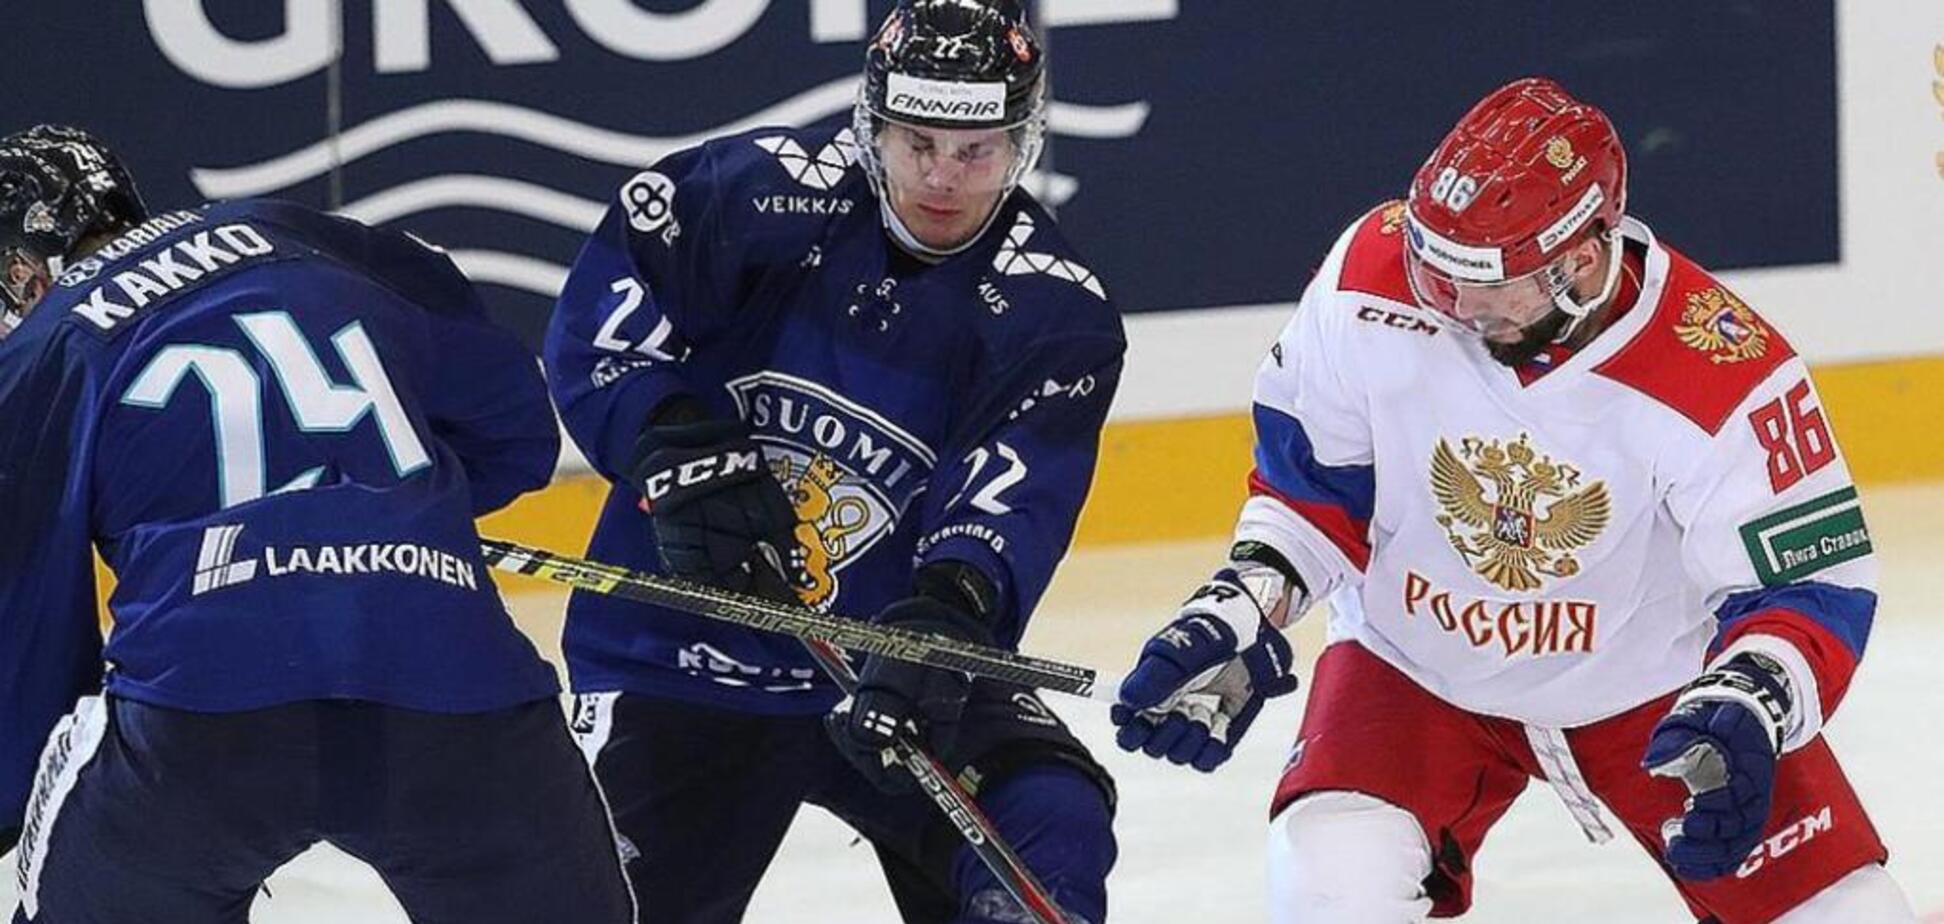 Де дивитися онлайн хокей Росія – Фінляндія: розклад трансляцій 1/2 фіналу чемпіонату світу